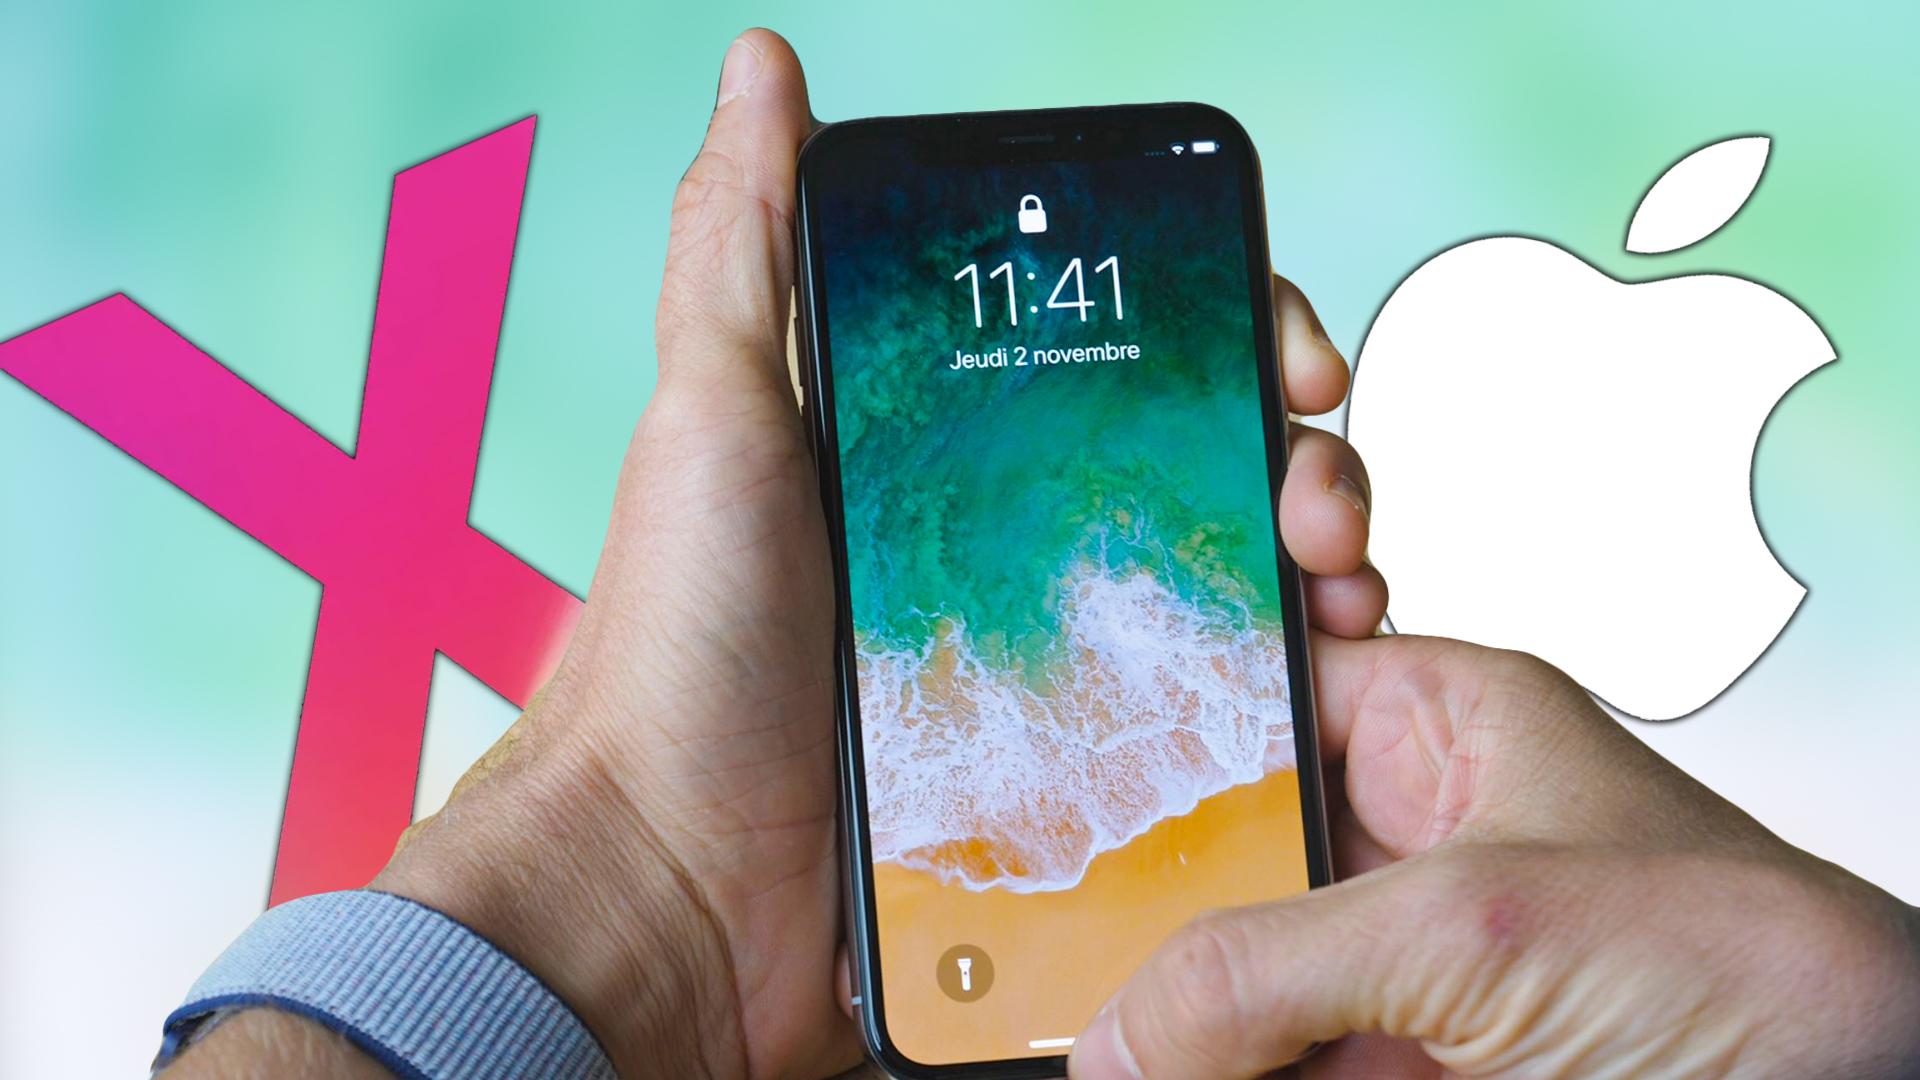 EN VIDEO - 10 jours avec l'iPhone X : ce qu'on aime et ce qu'on n'aime pas